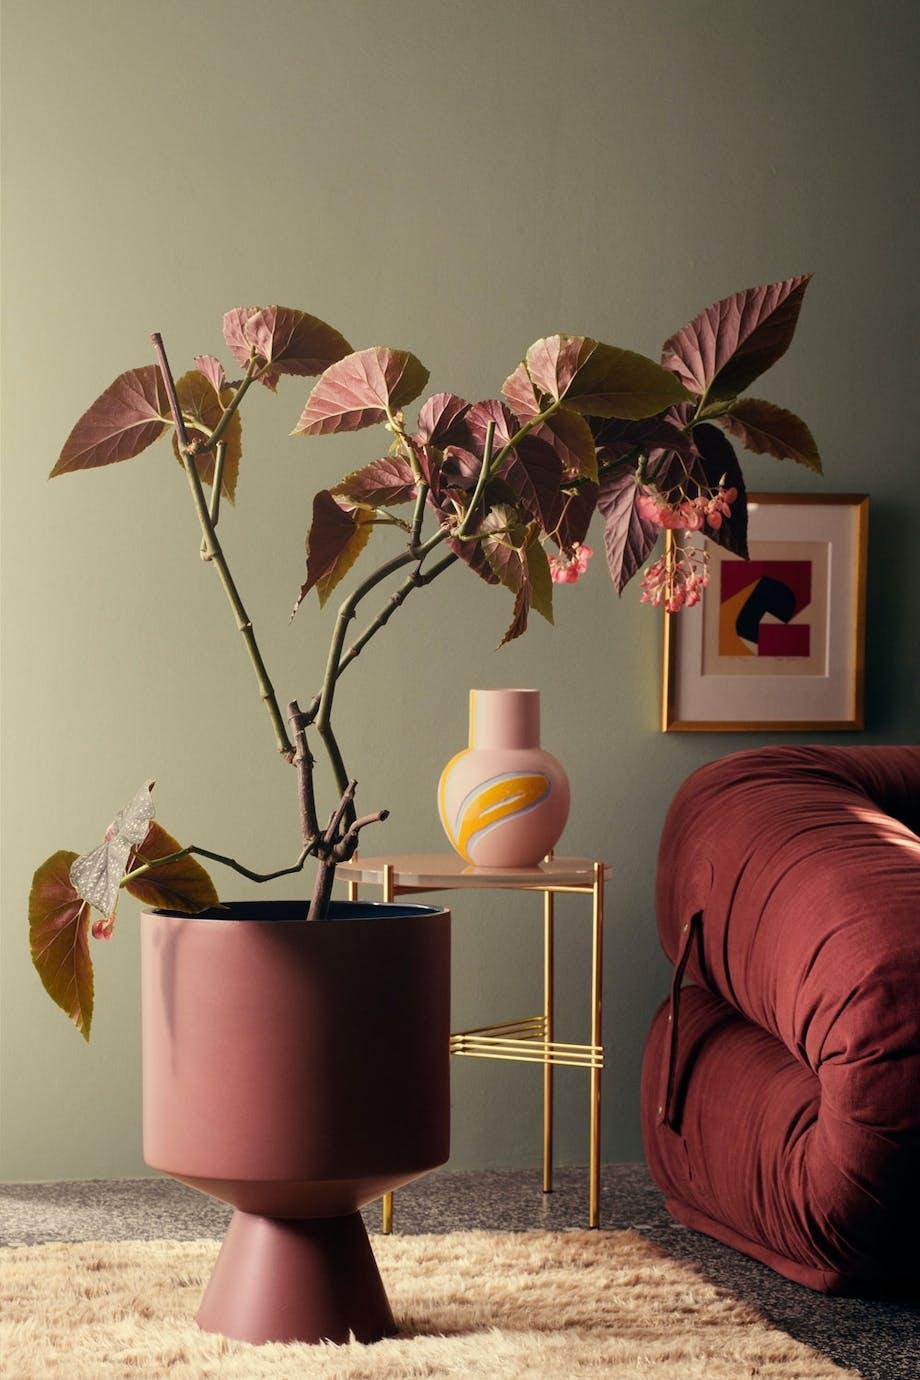 Interiørmiljø i burgunder og grønt, med vase fra designsamarbeidet mellom Stine Goya og Kähler